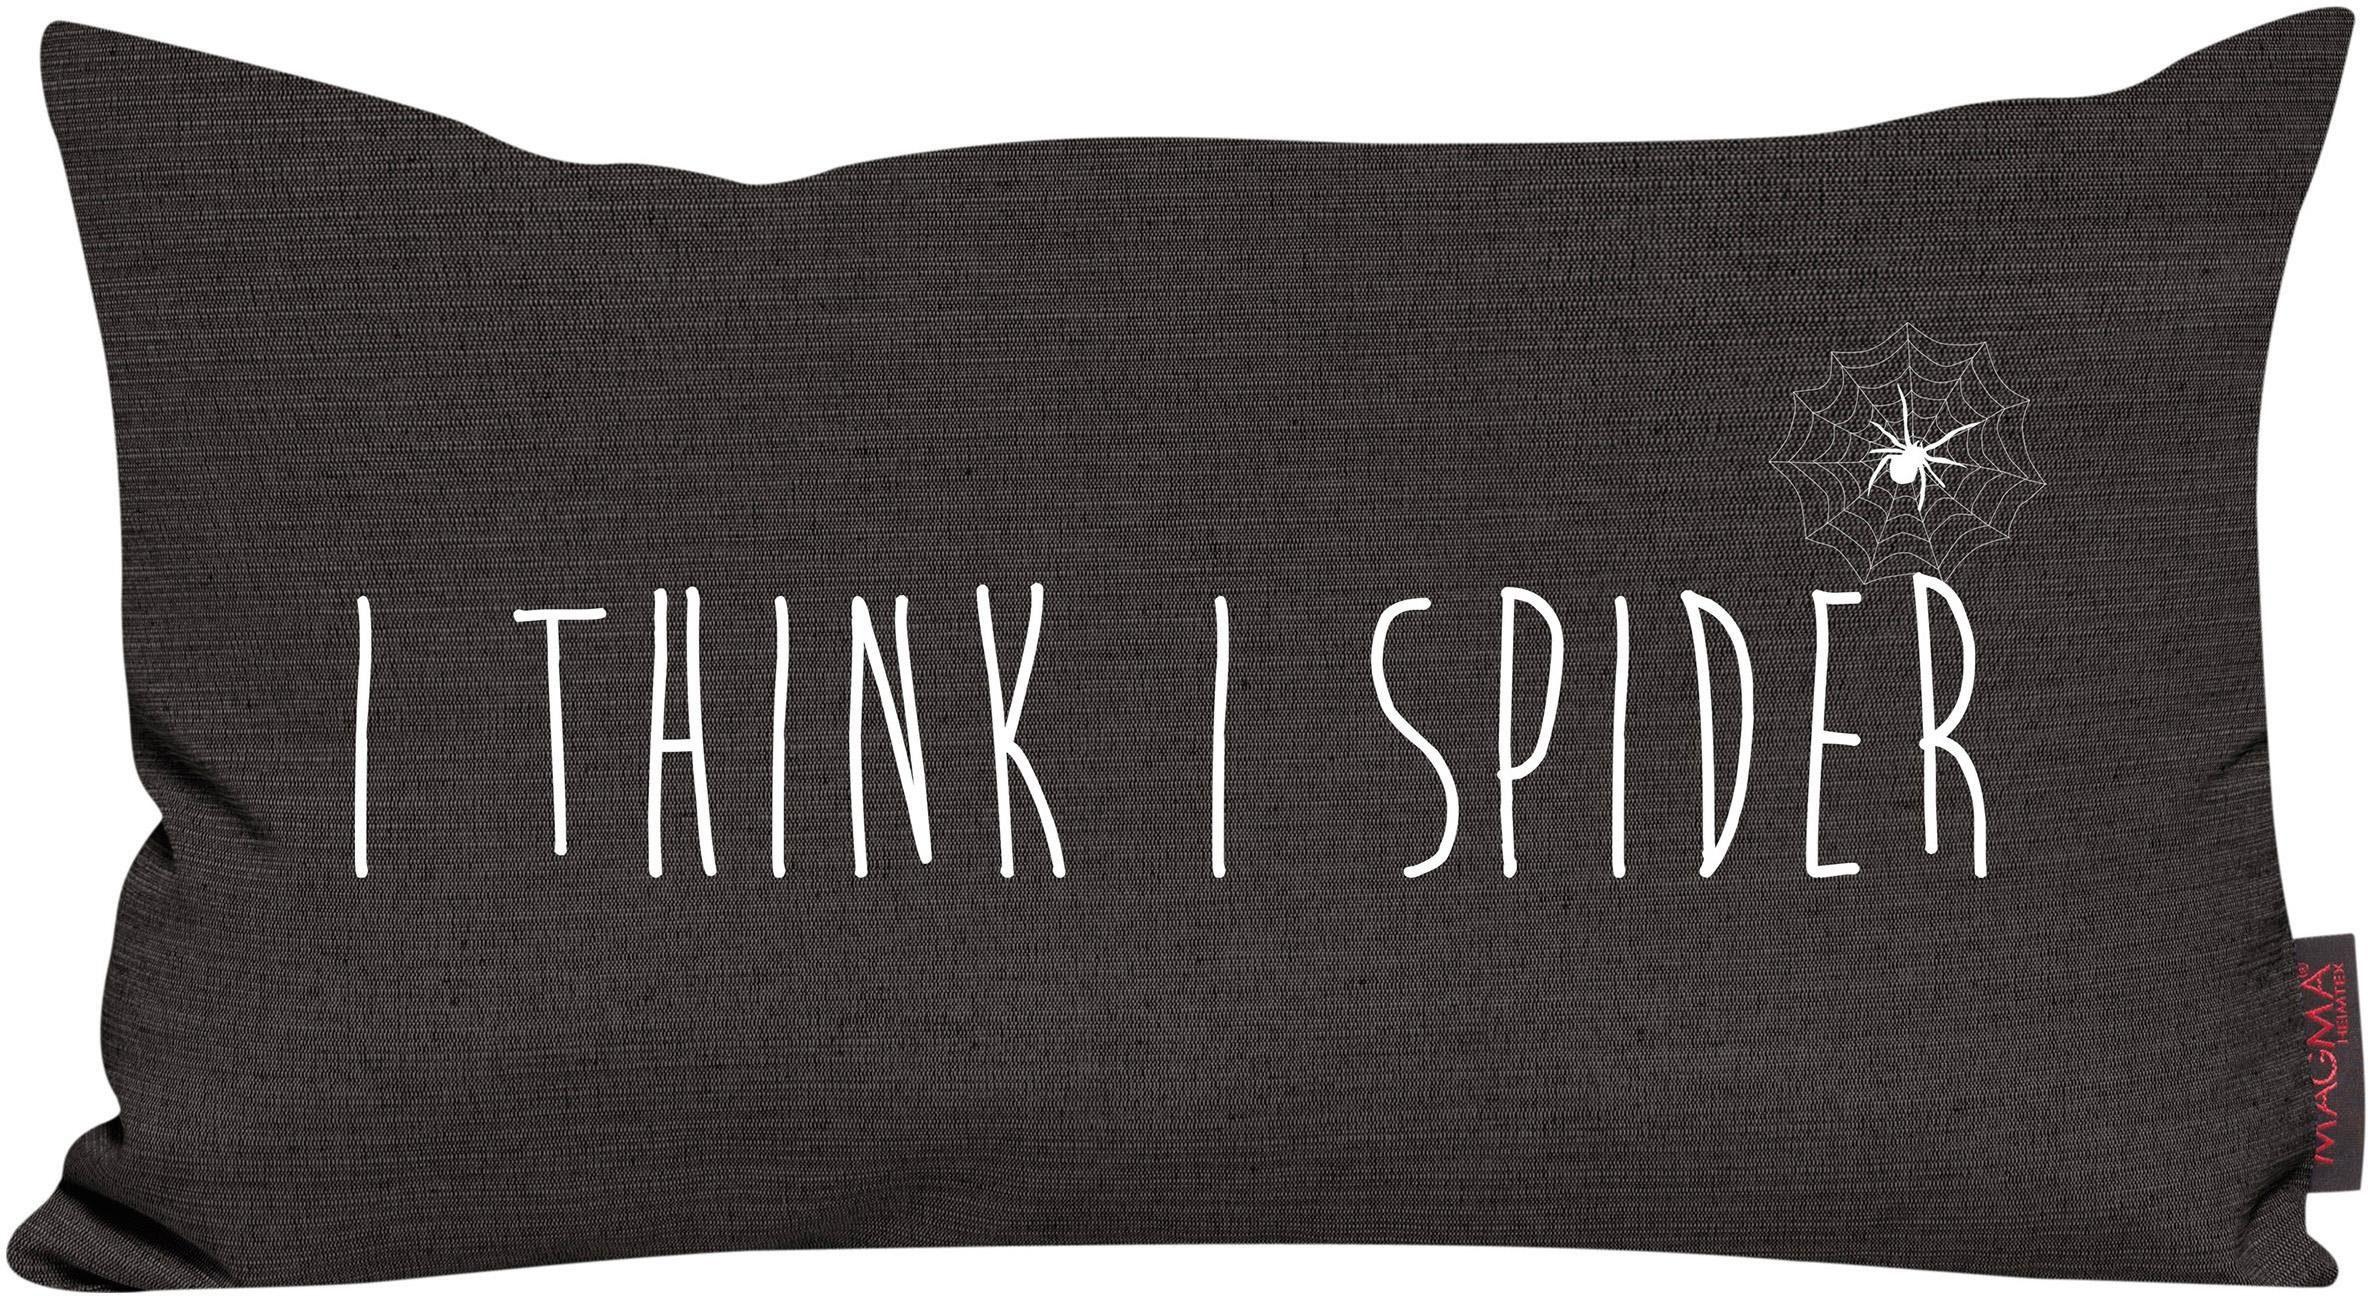 Dekokissen, Magma, »I think I spider«, mit Spruch